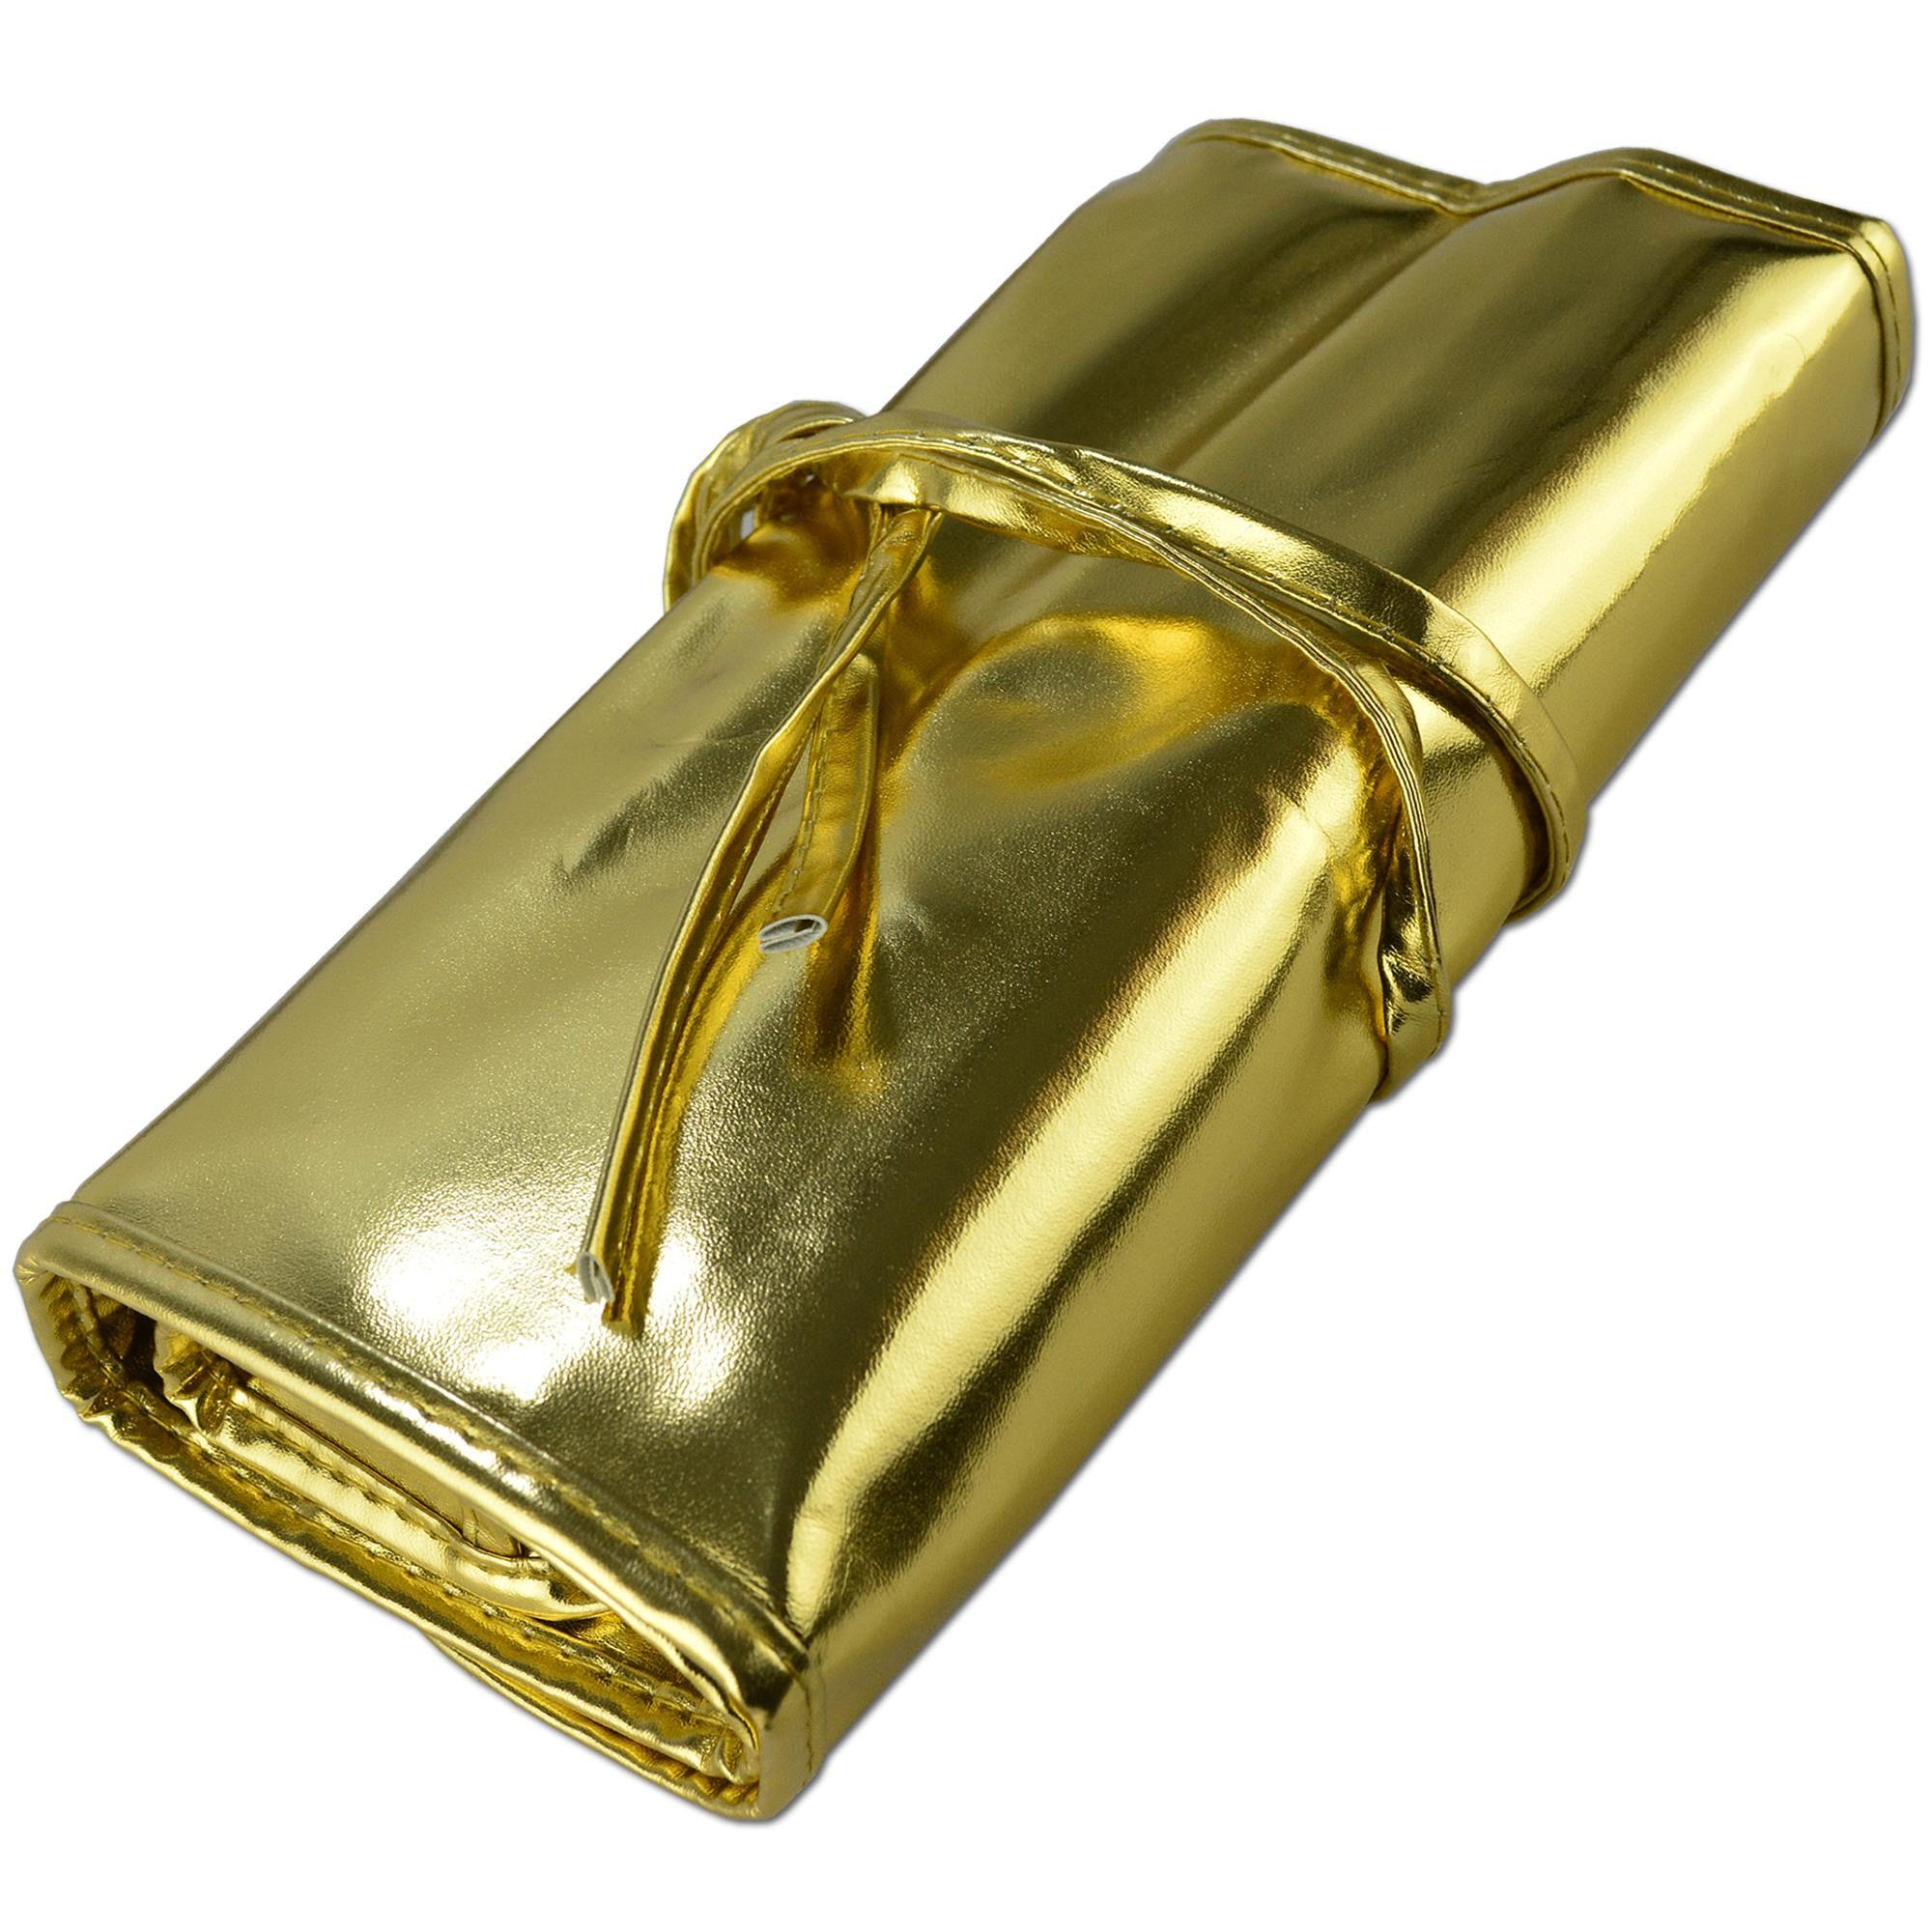 Kit de 32 Pincéis Para Maquiagem Profissional com Estojo Dourado CBRN10455